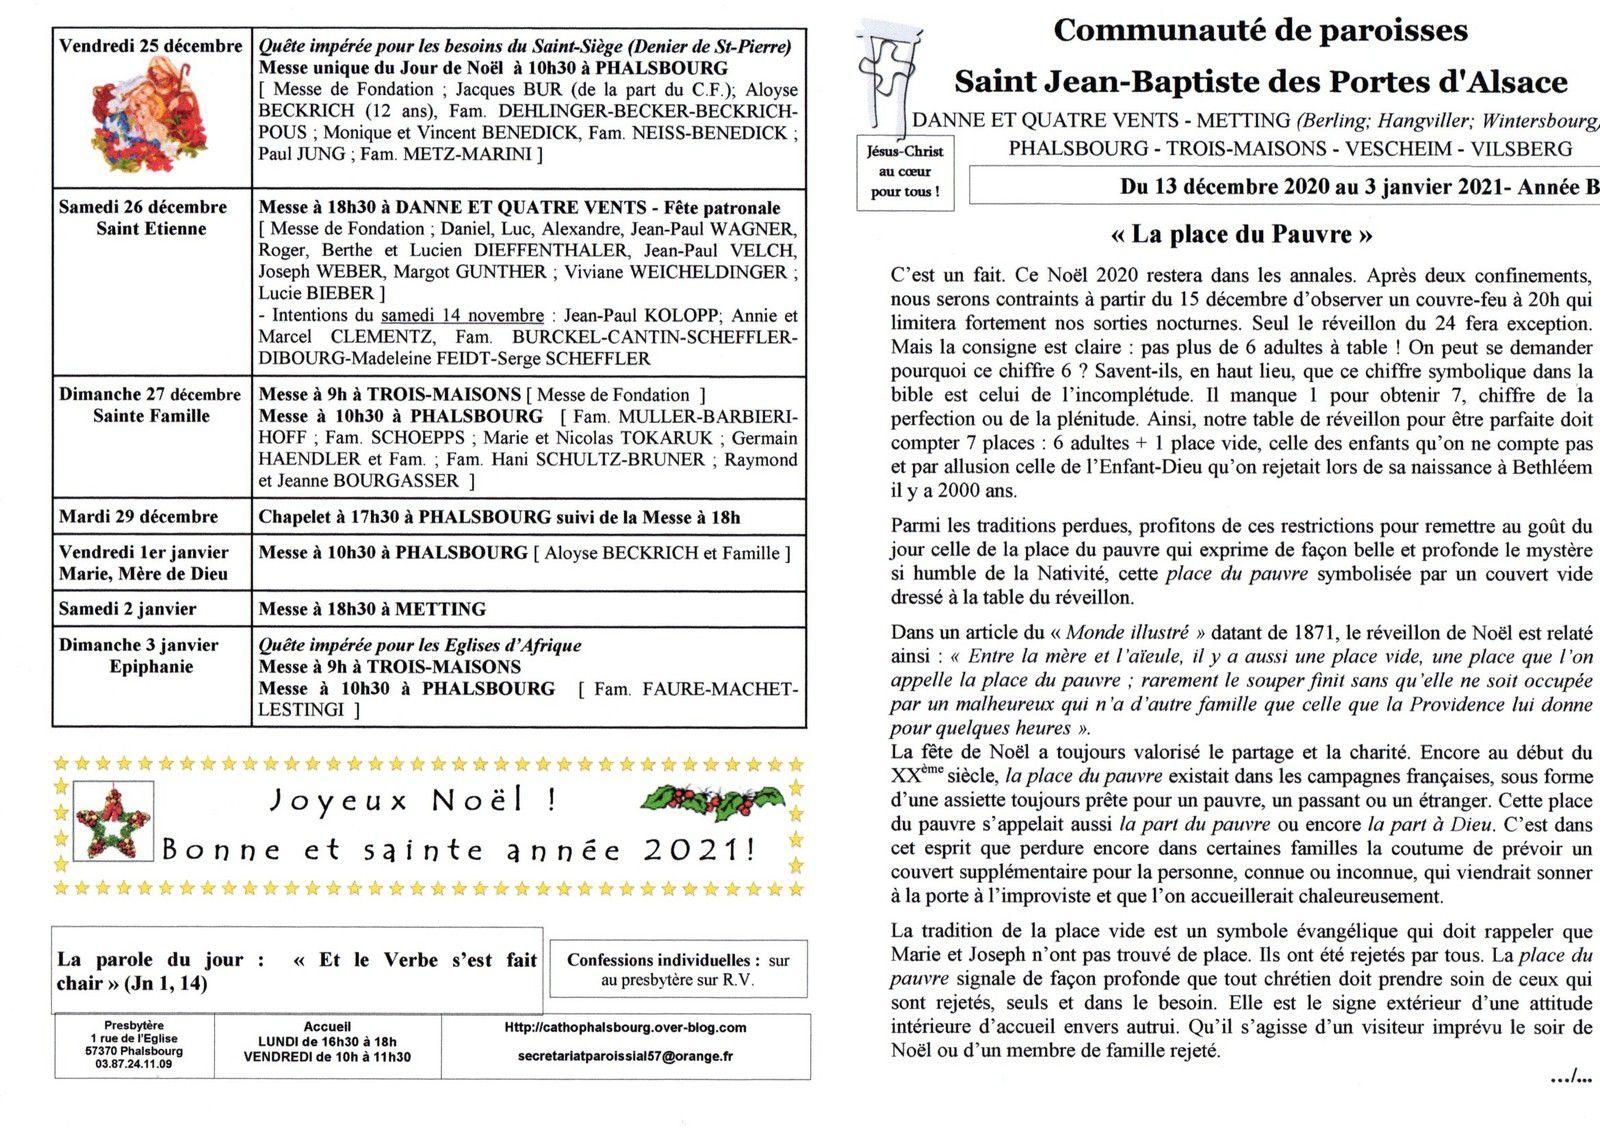 Bulletin paroissial du 13 décembre 2020 au 3 janvier 2021